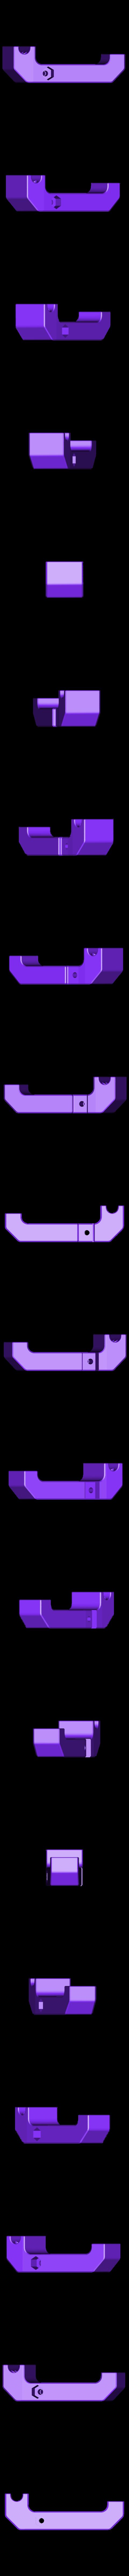 DialIndicatorMount-4TD_003a.STL Télécharger fichier STL gratuit Montage d'indicateur-MakerBot Replicator 2 • Design à imprimer en 3D, Tarnliare